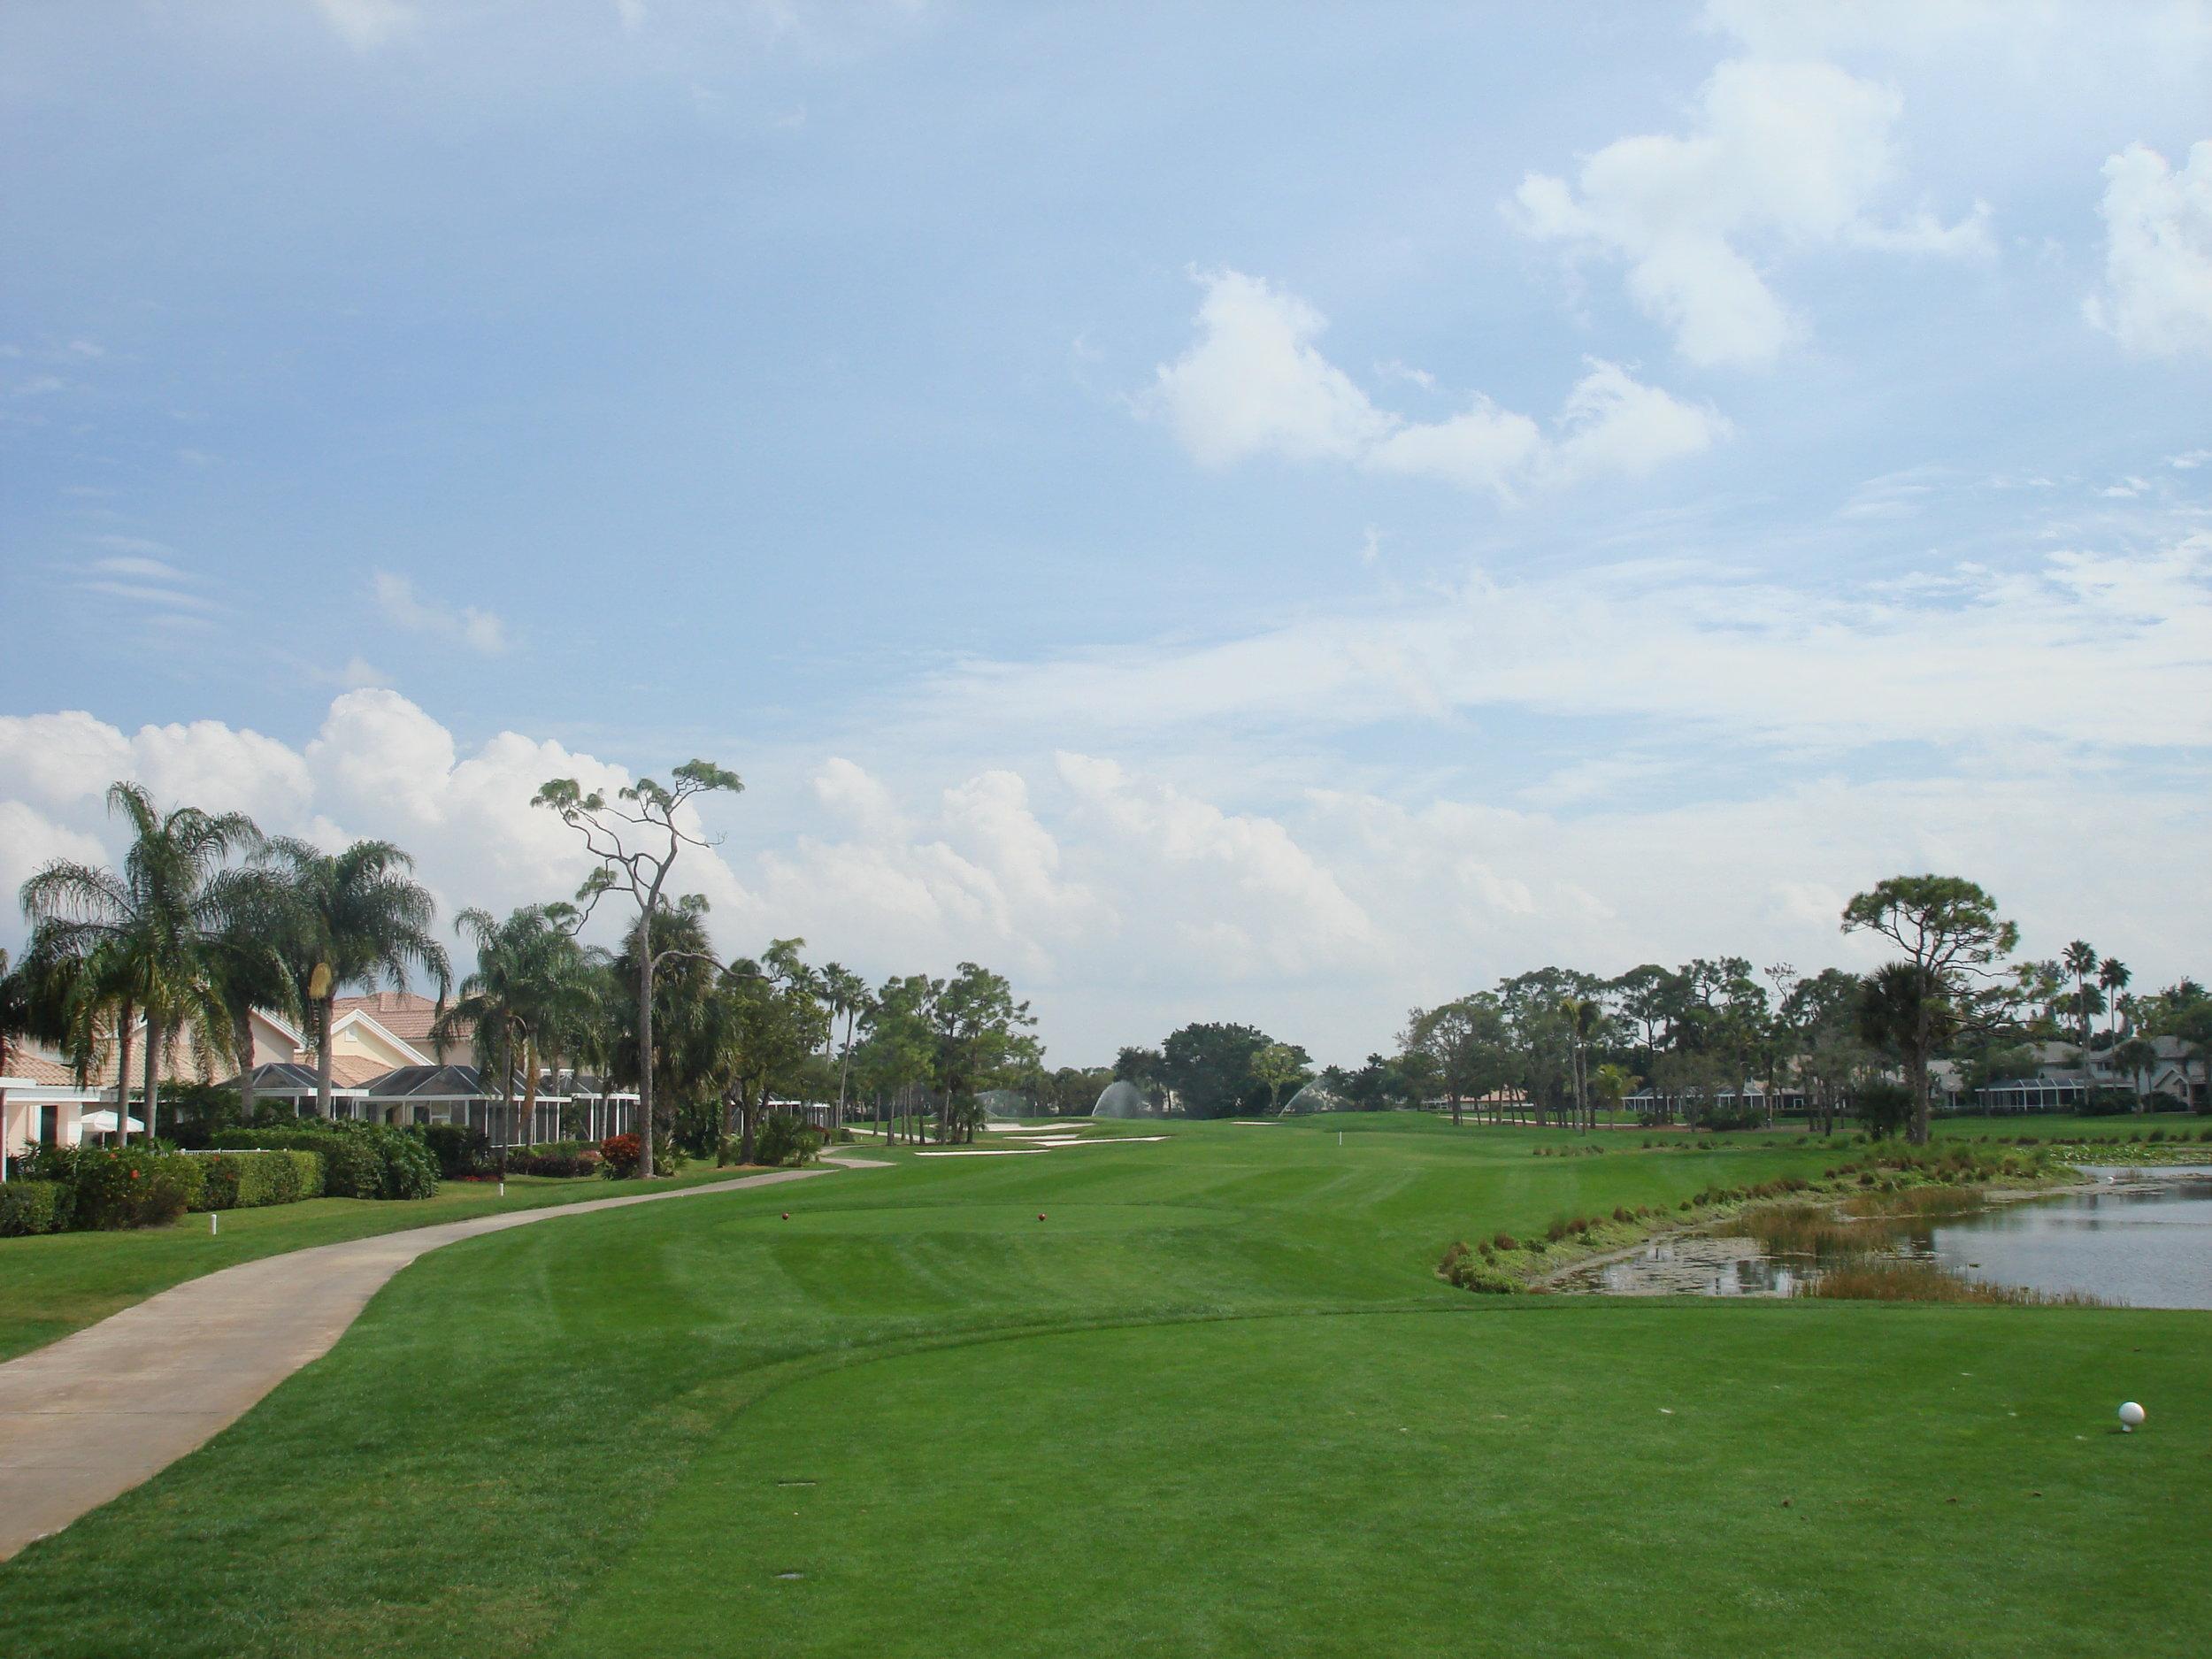 West Palm BeachDSC00077.jpg